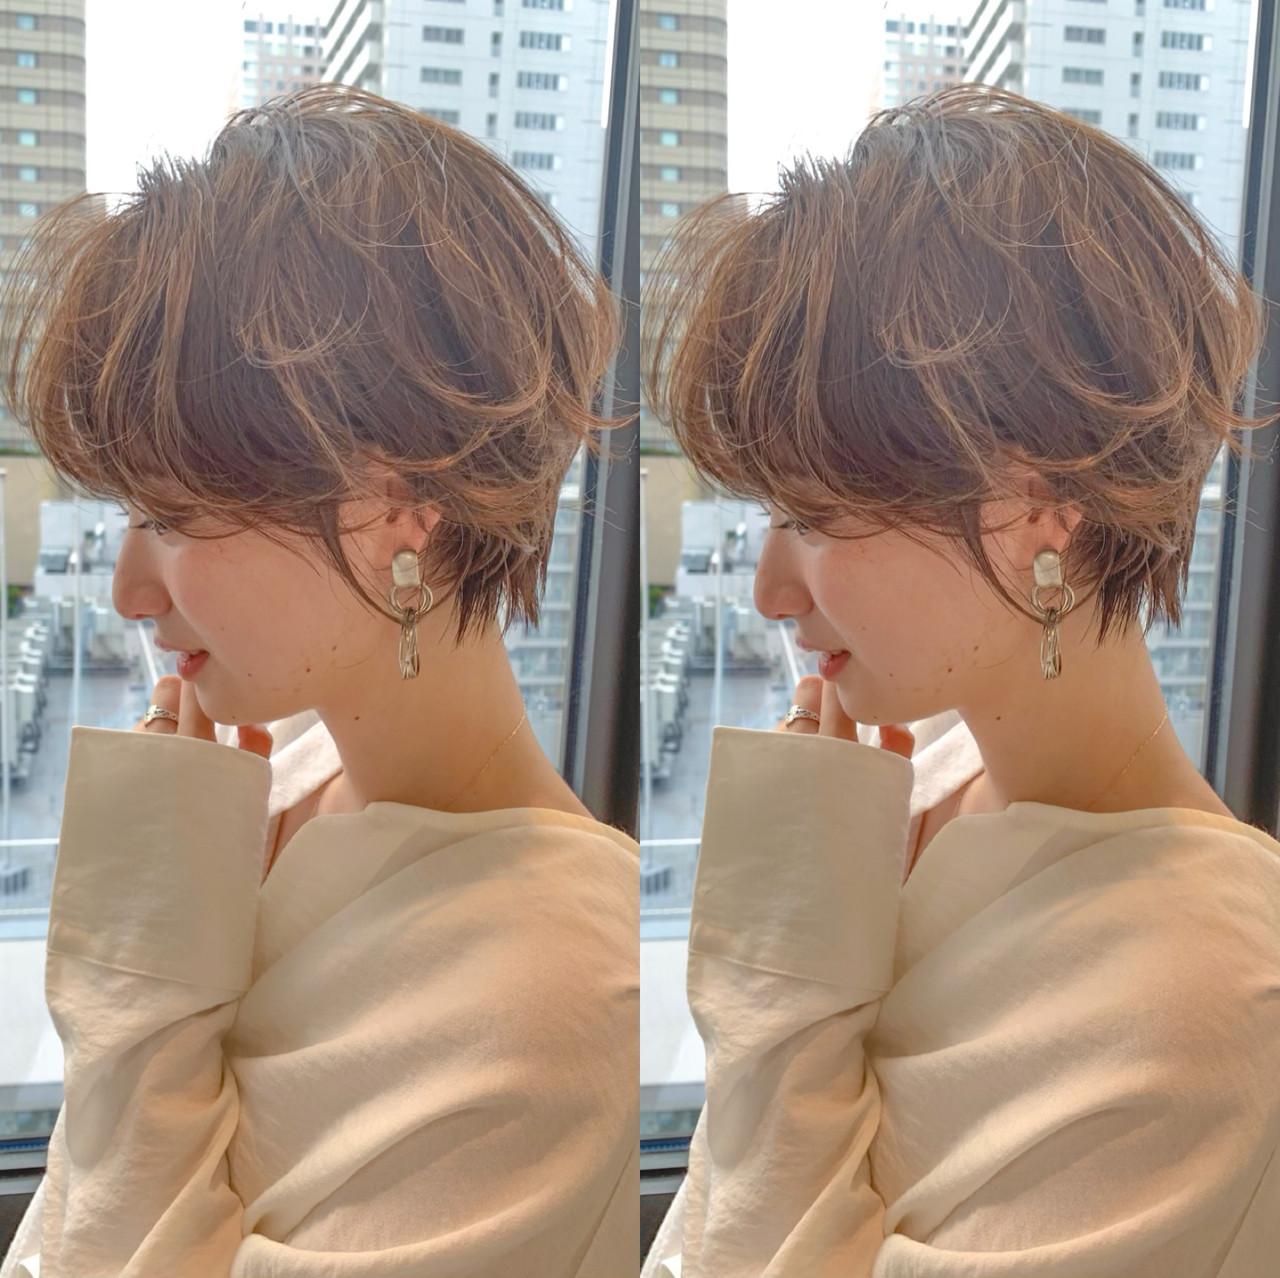 ショートパーマ ショート ガーリー ショートヘア ヘアスタイルや髪型の写真・画像 | SOSHI / Cafune by Garland